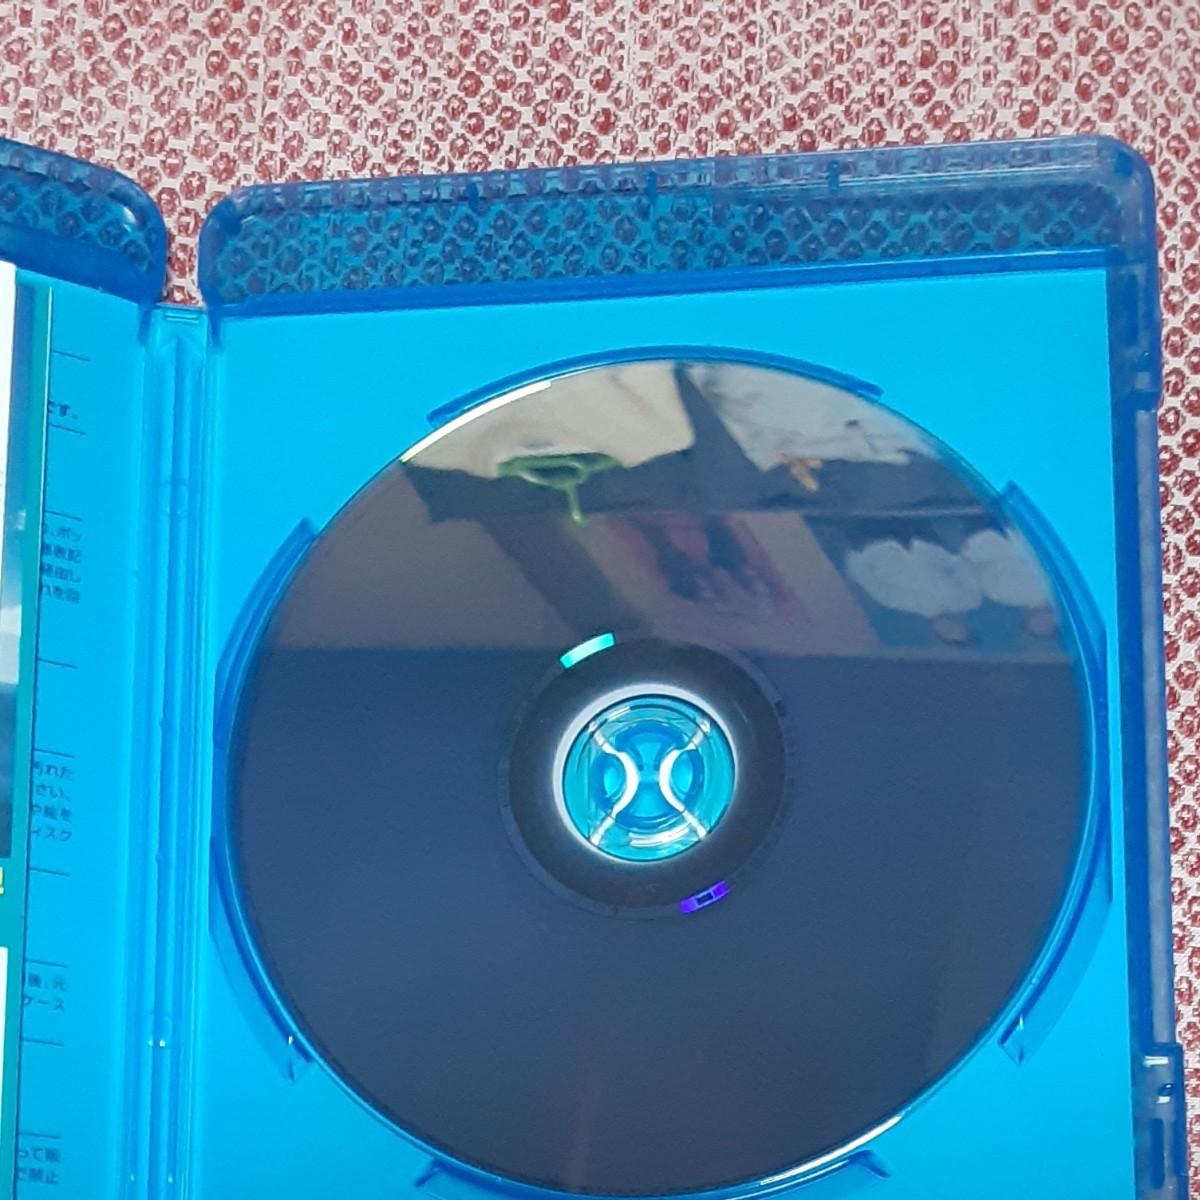 劇場版名探偵コナン 絶海の探偵(プライベート・アイ)Blu-ray